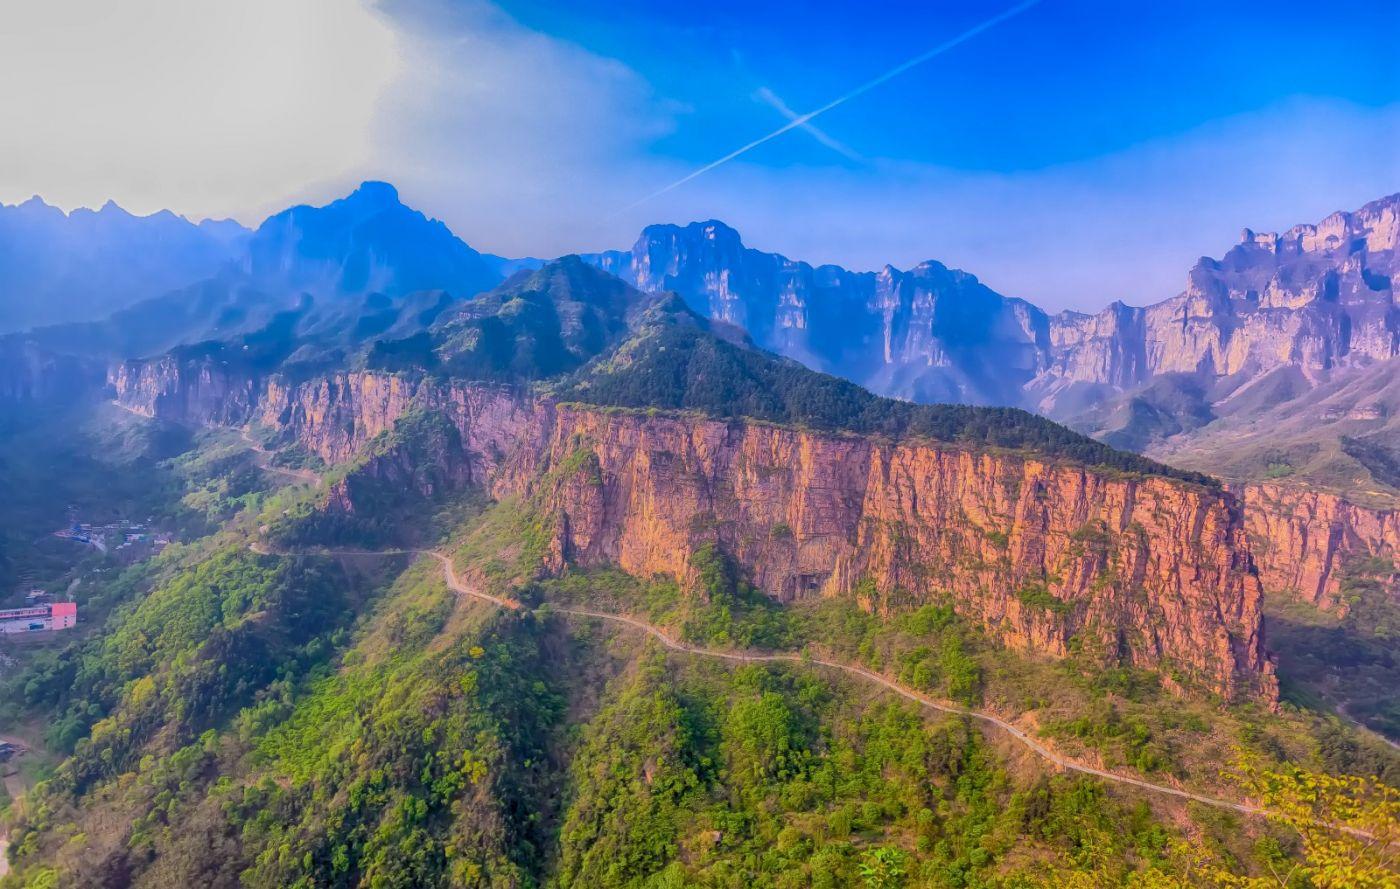 崖壁上的古村落 郭亮村 绝处也有风景_图1-23